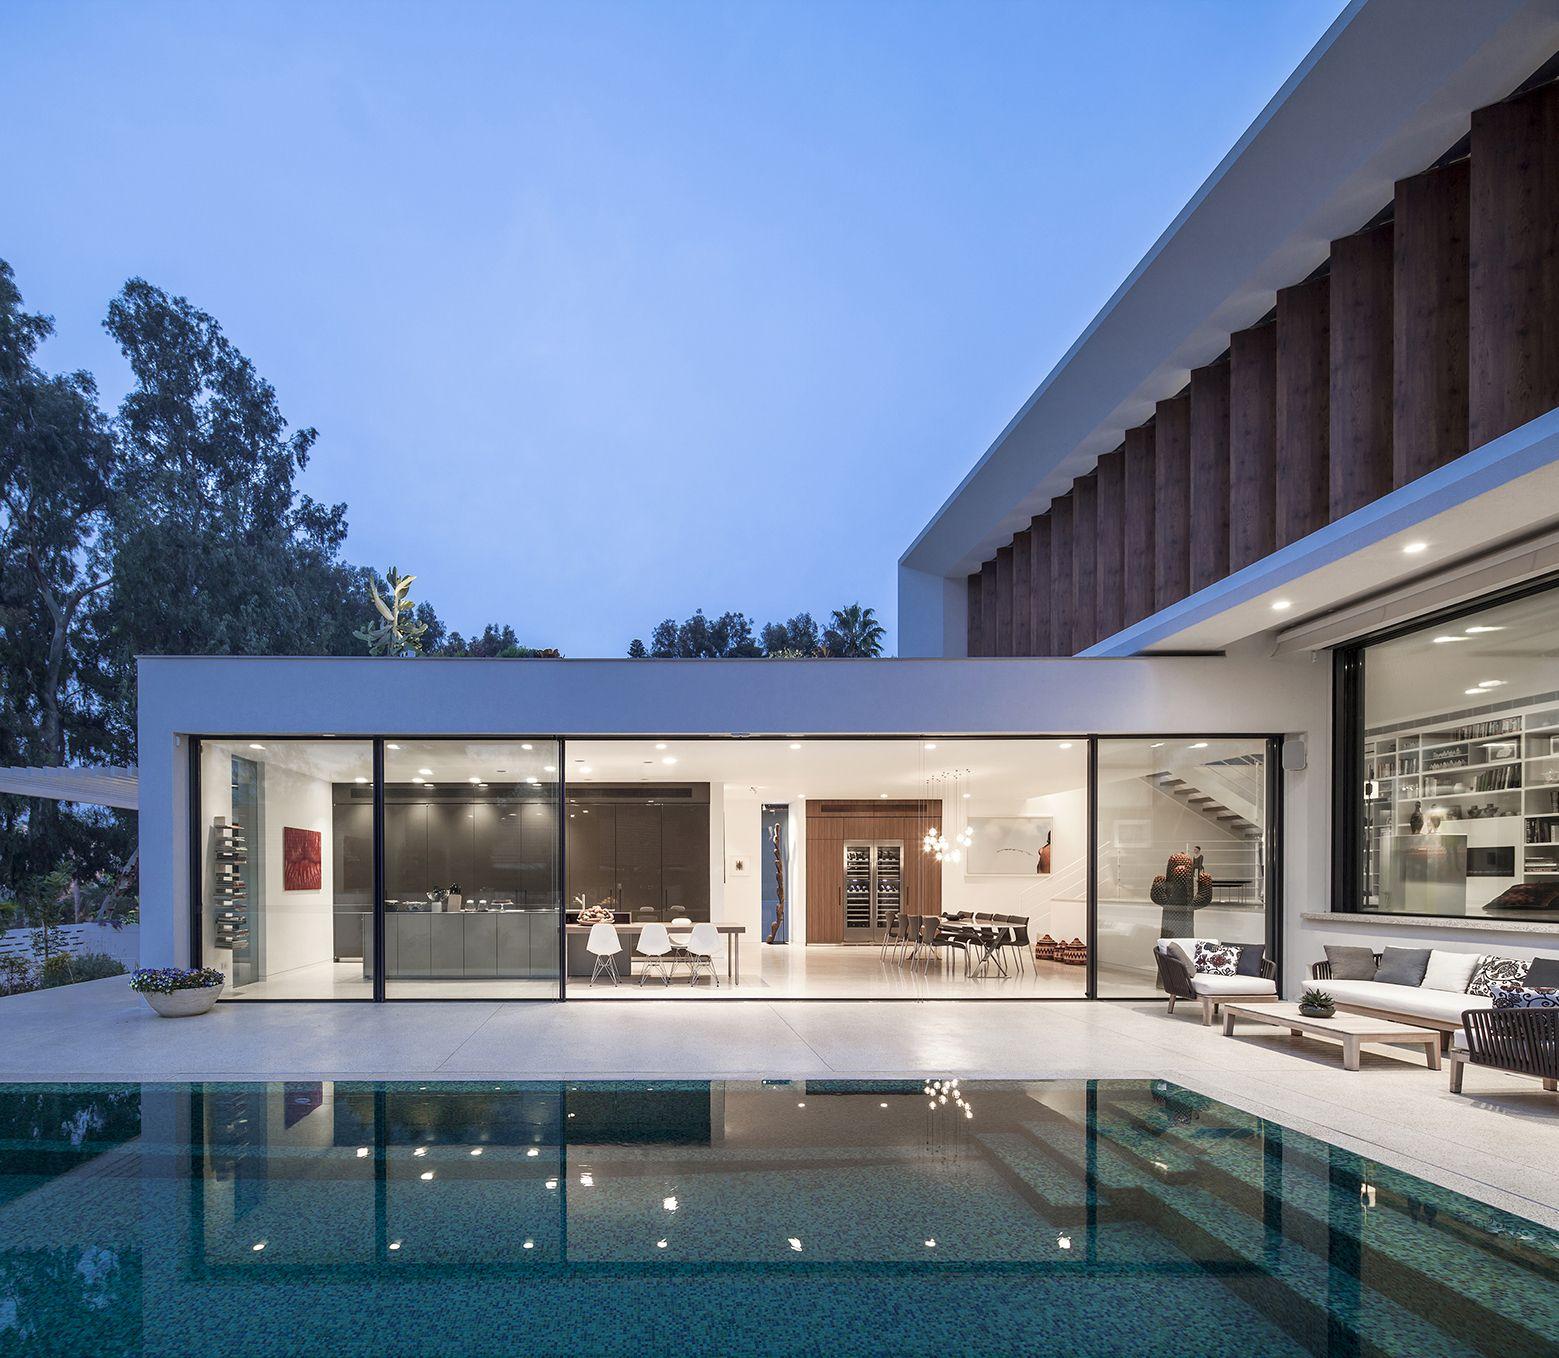 Jolie maison contemporaine en l autour dune piscine en israël